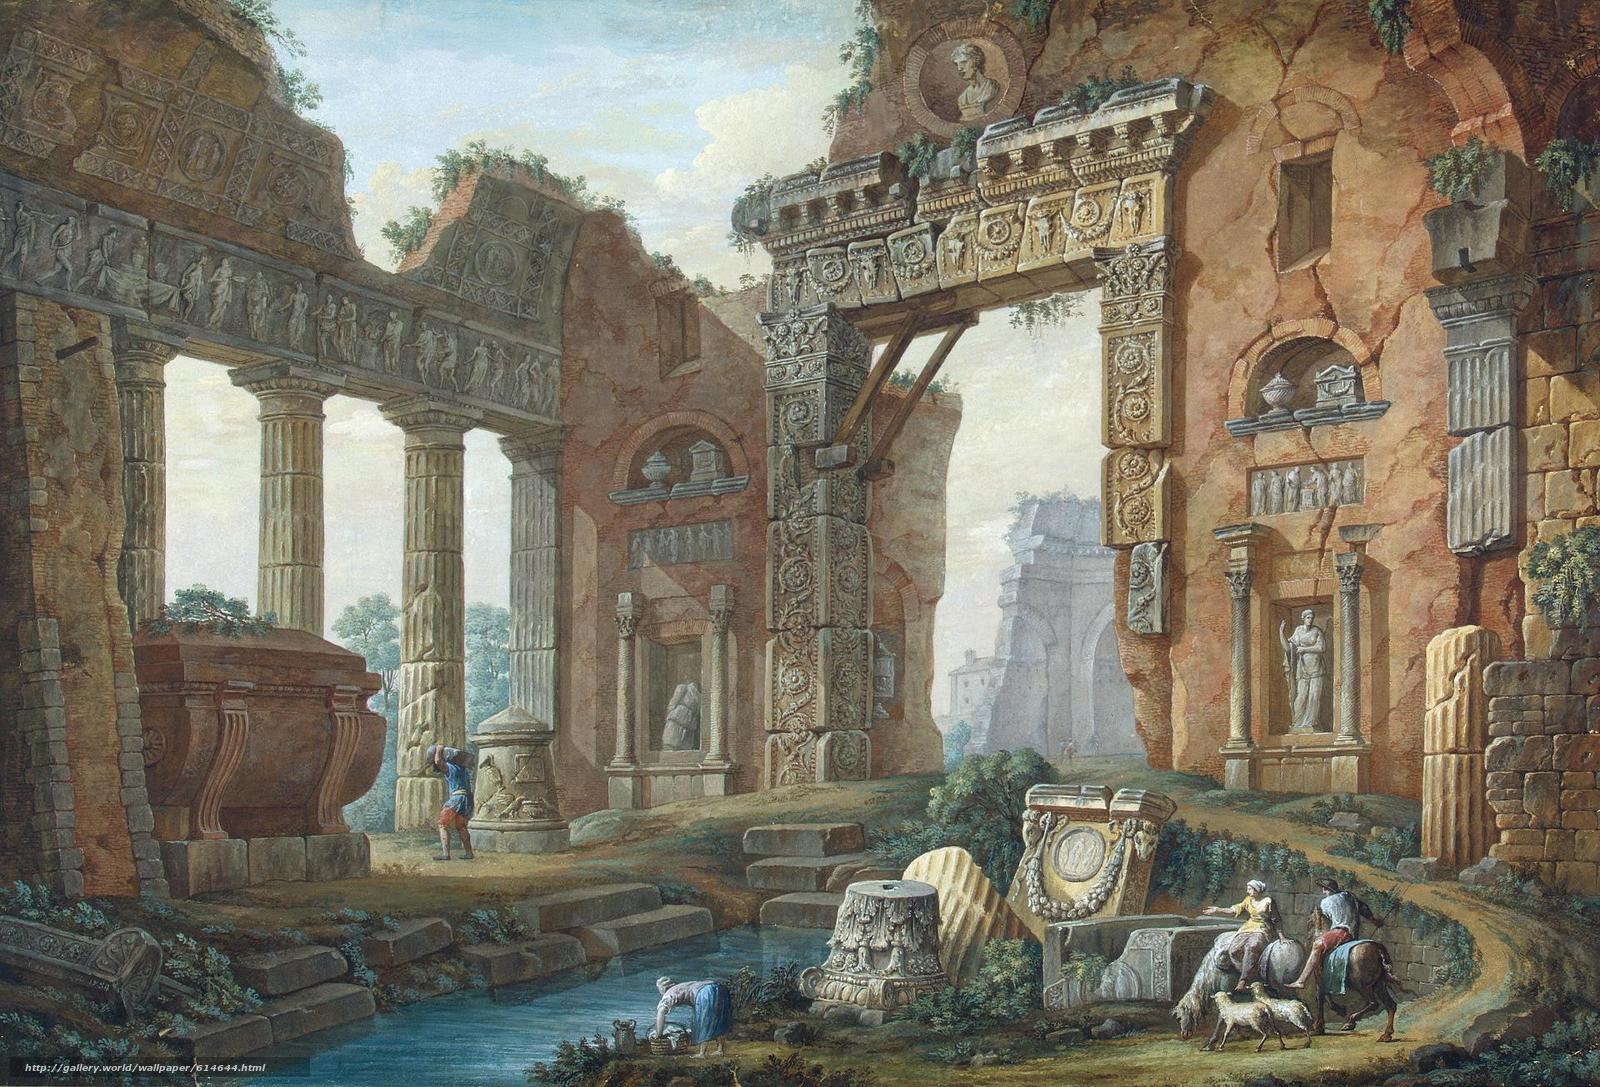 Скачать обои Клериссо,  Шарль-Луи,  Архитектурная фантазия,  картина бесплатно для рабочего стола в разрешении 1920x1304 — картинка №614644